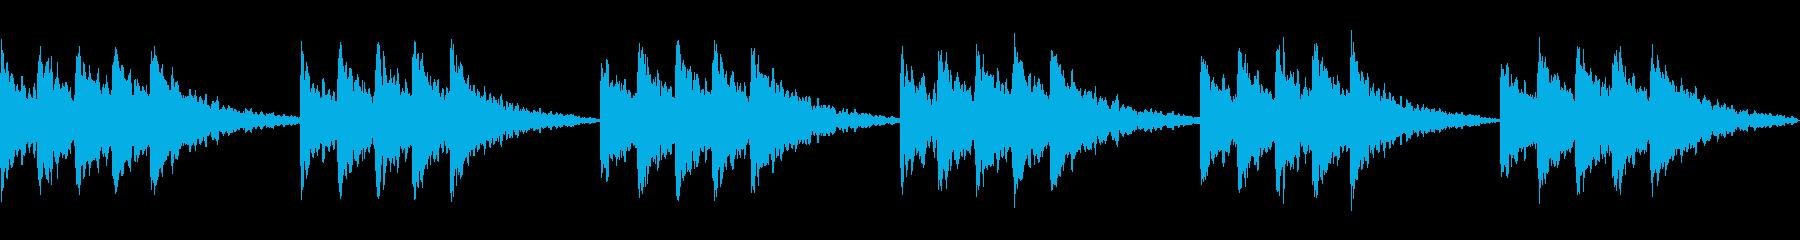 星空のイメージ ベル系の音でシンプルにの再生済みの波形